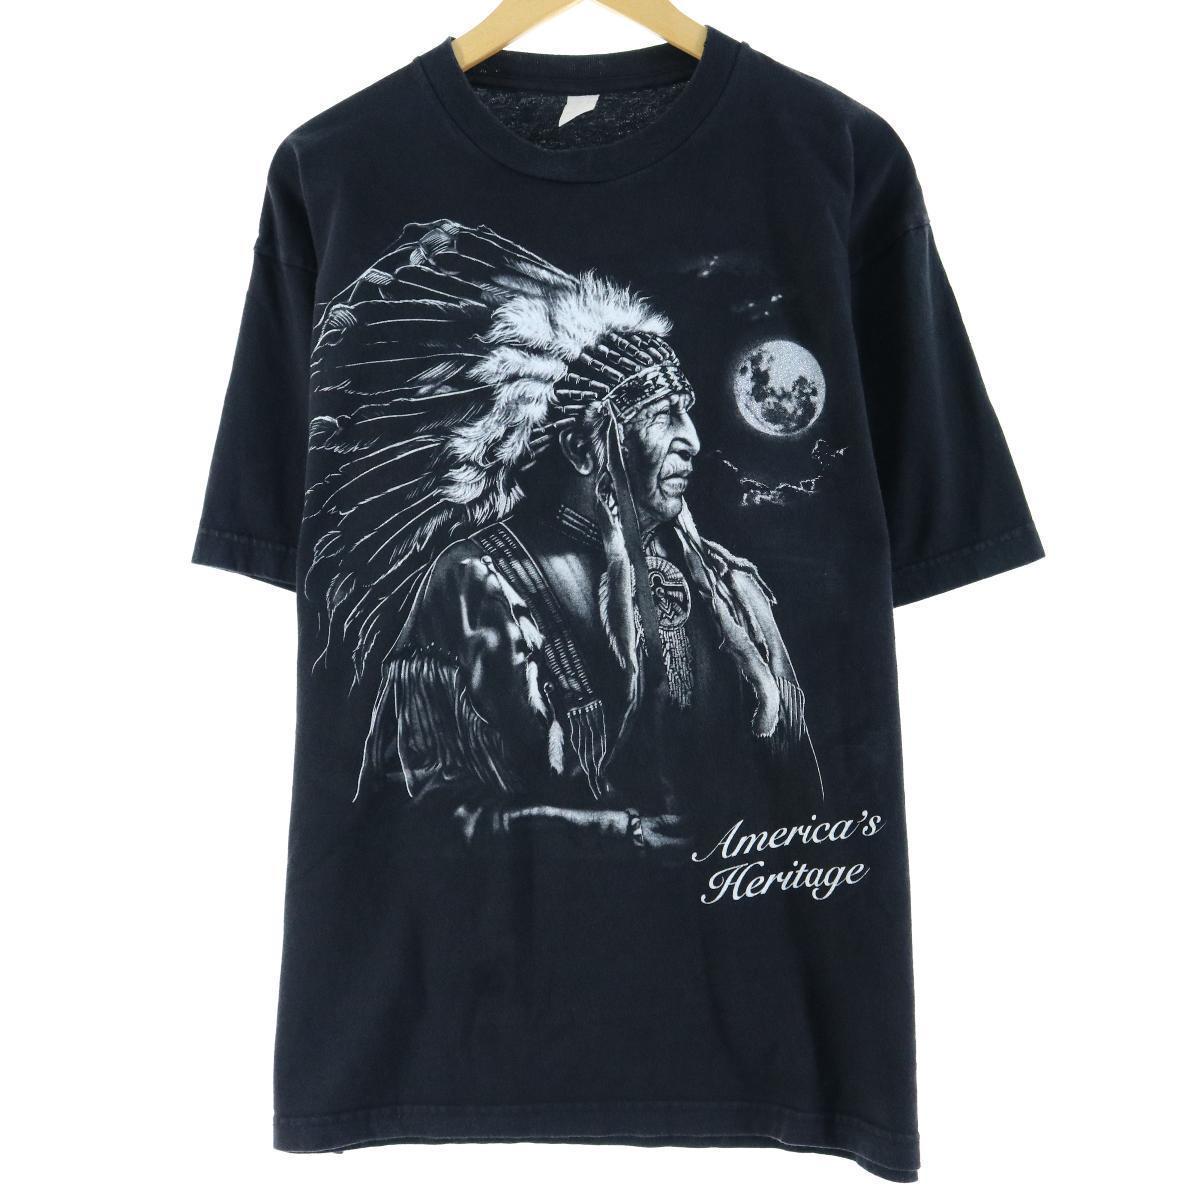 トップス, Tシャツ・カットソー  T L T eaa042158 200524